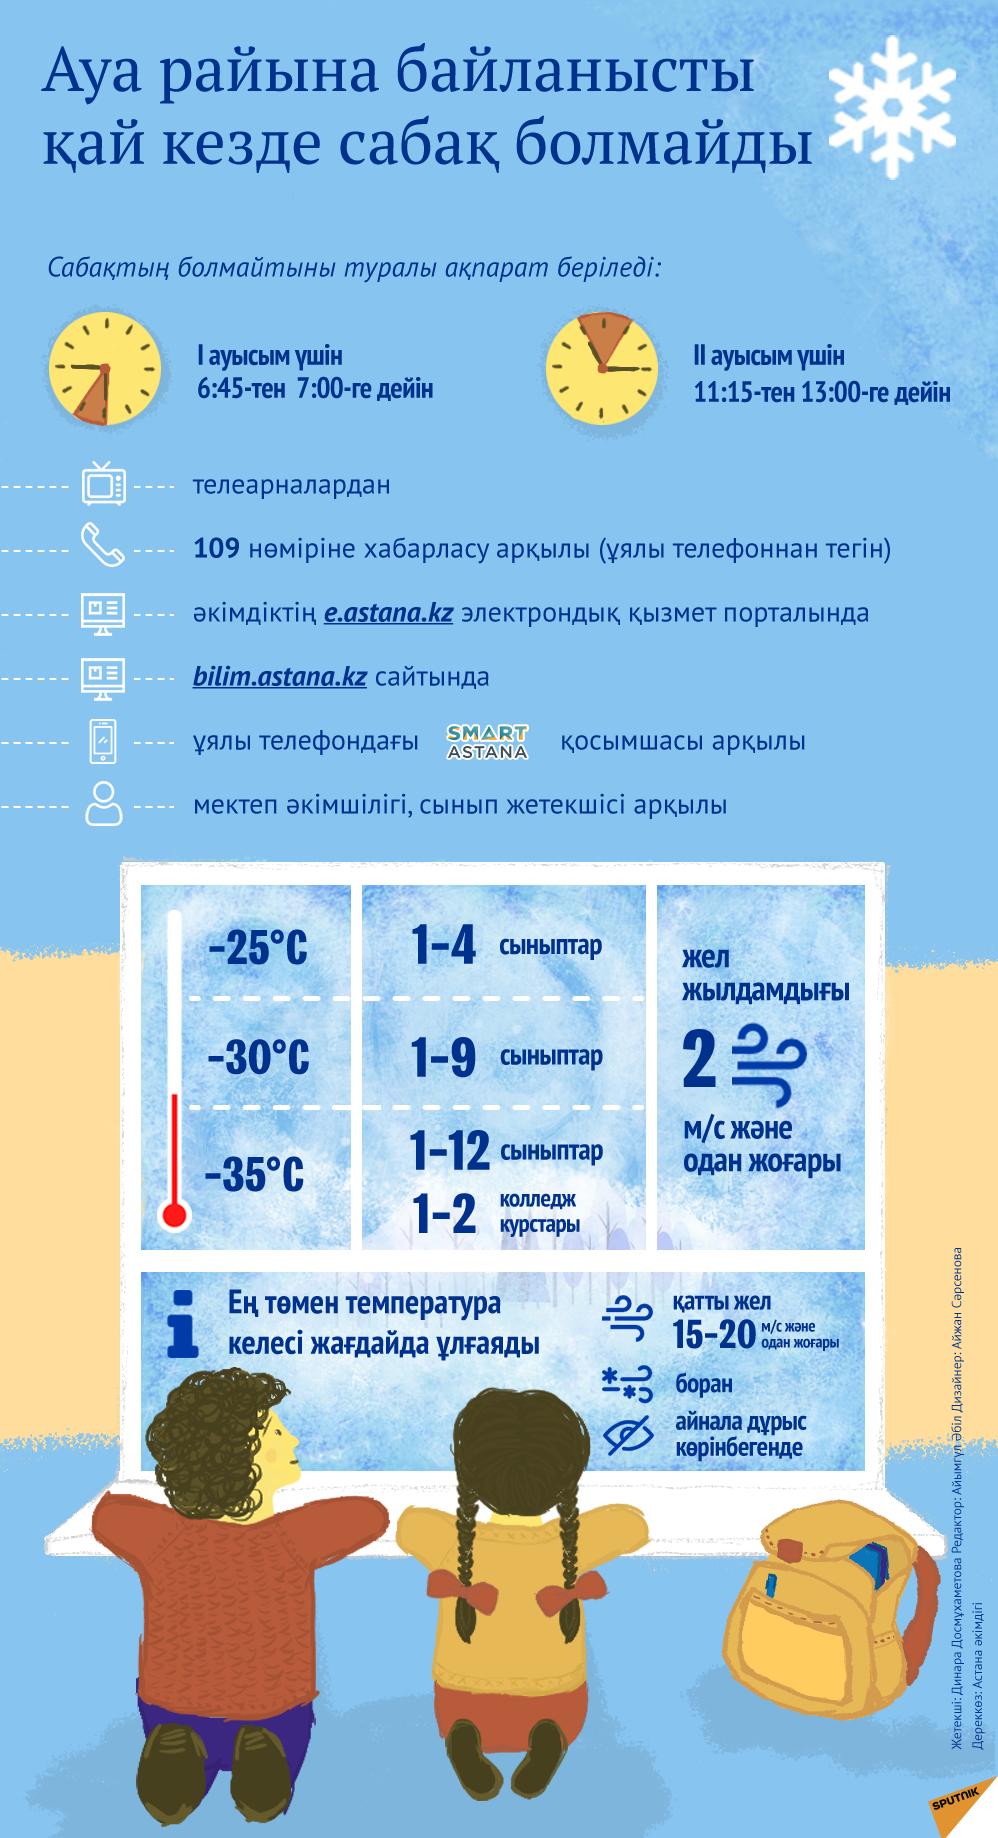 Неше градус суық болғанда сабақ болмайды?